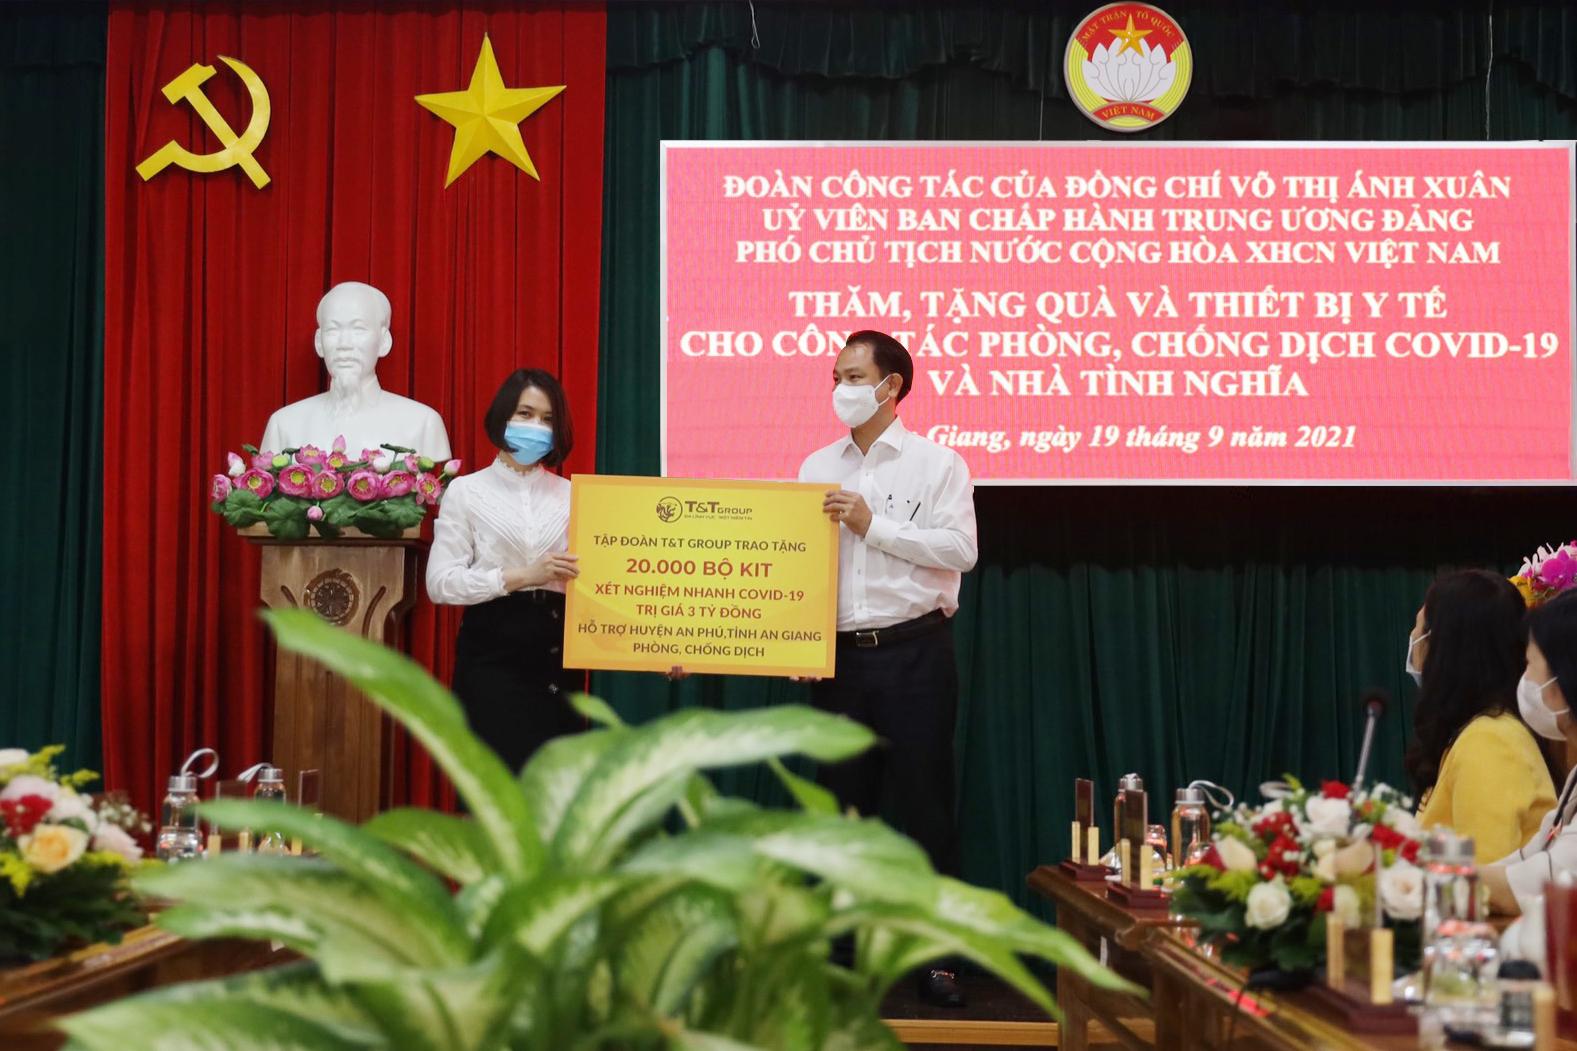 Đại diện Tập đoàn T&T Group (bên phải) trao tặng kit xét nghiệm nhanh trị giá 3 tỷ đồng cho đại diện lãnh đạo huyện An Phú (tỉnh An Giang).